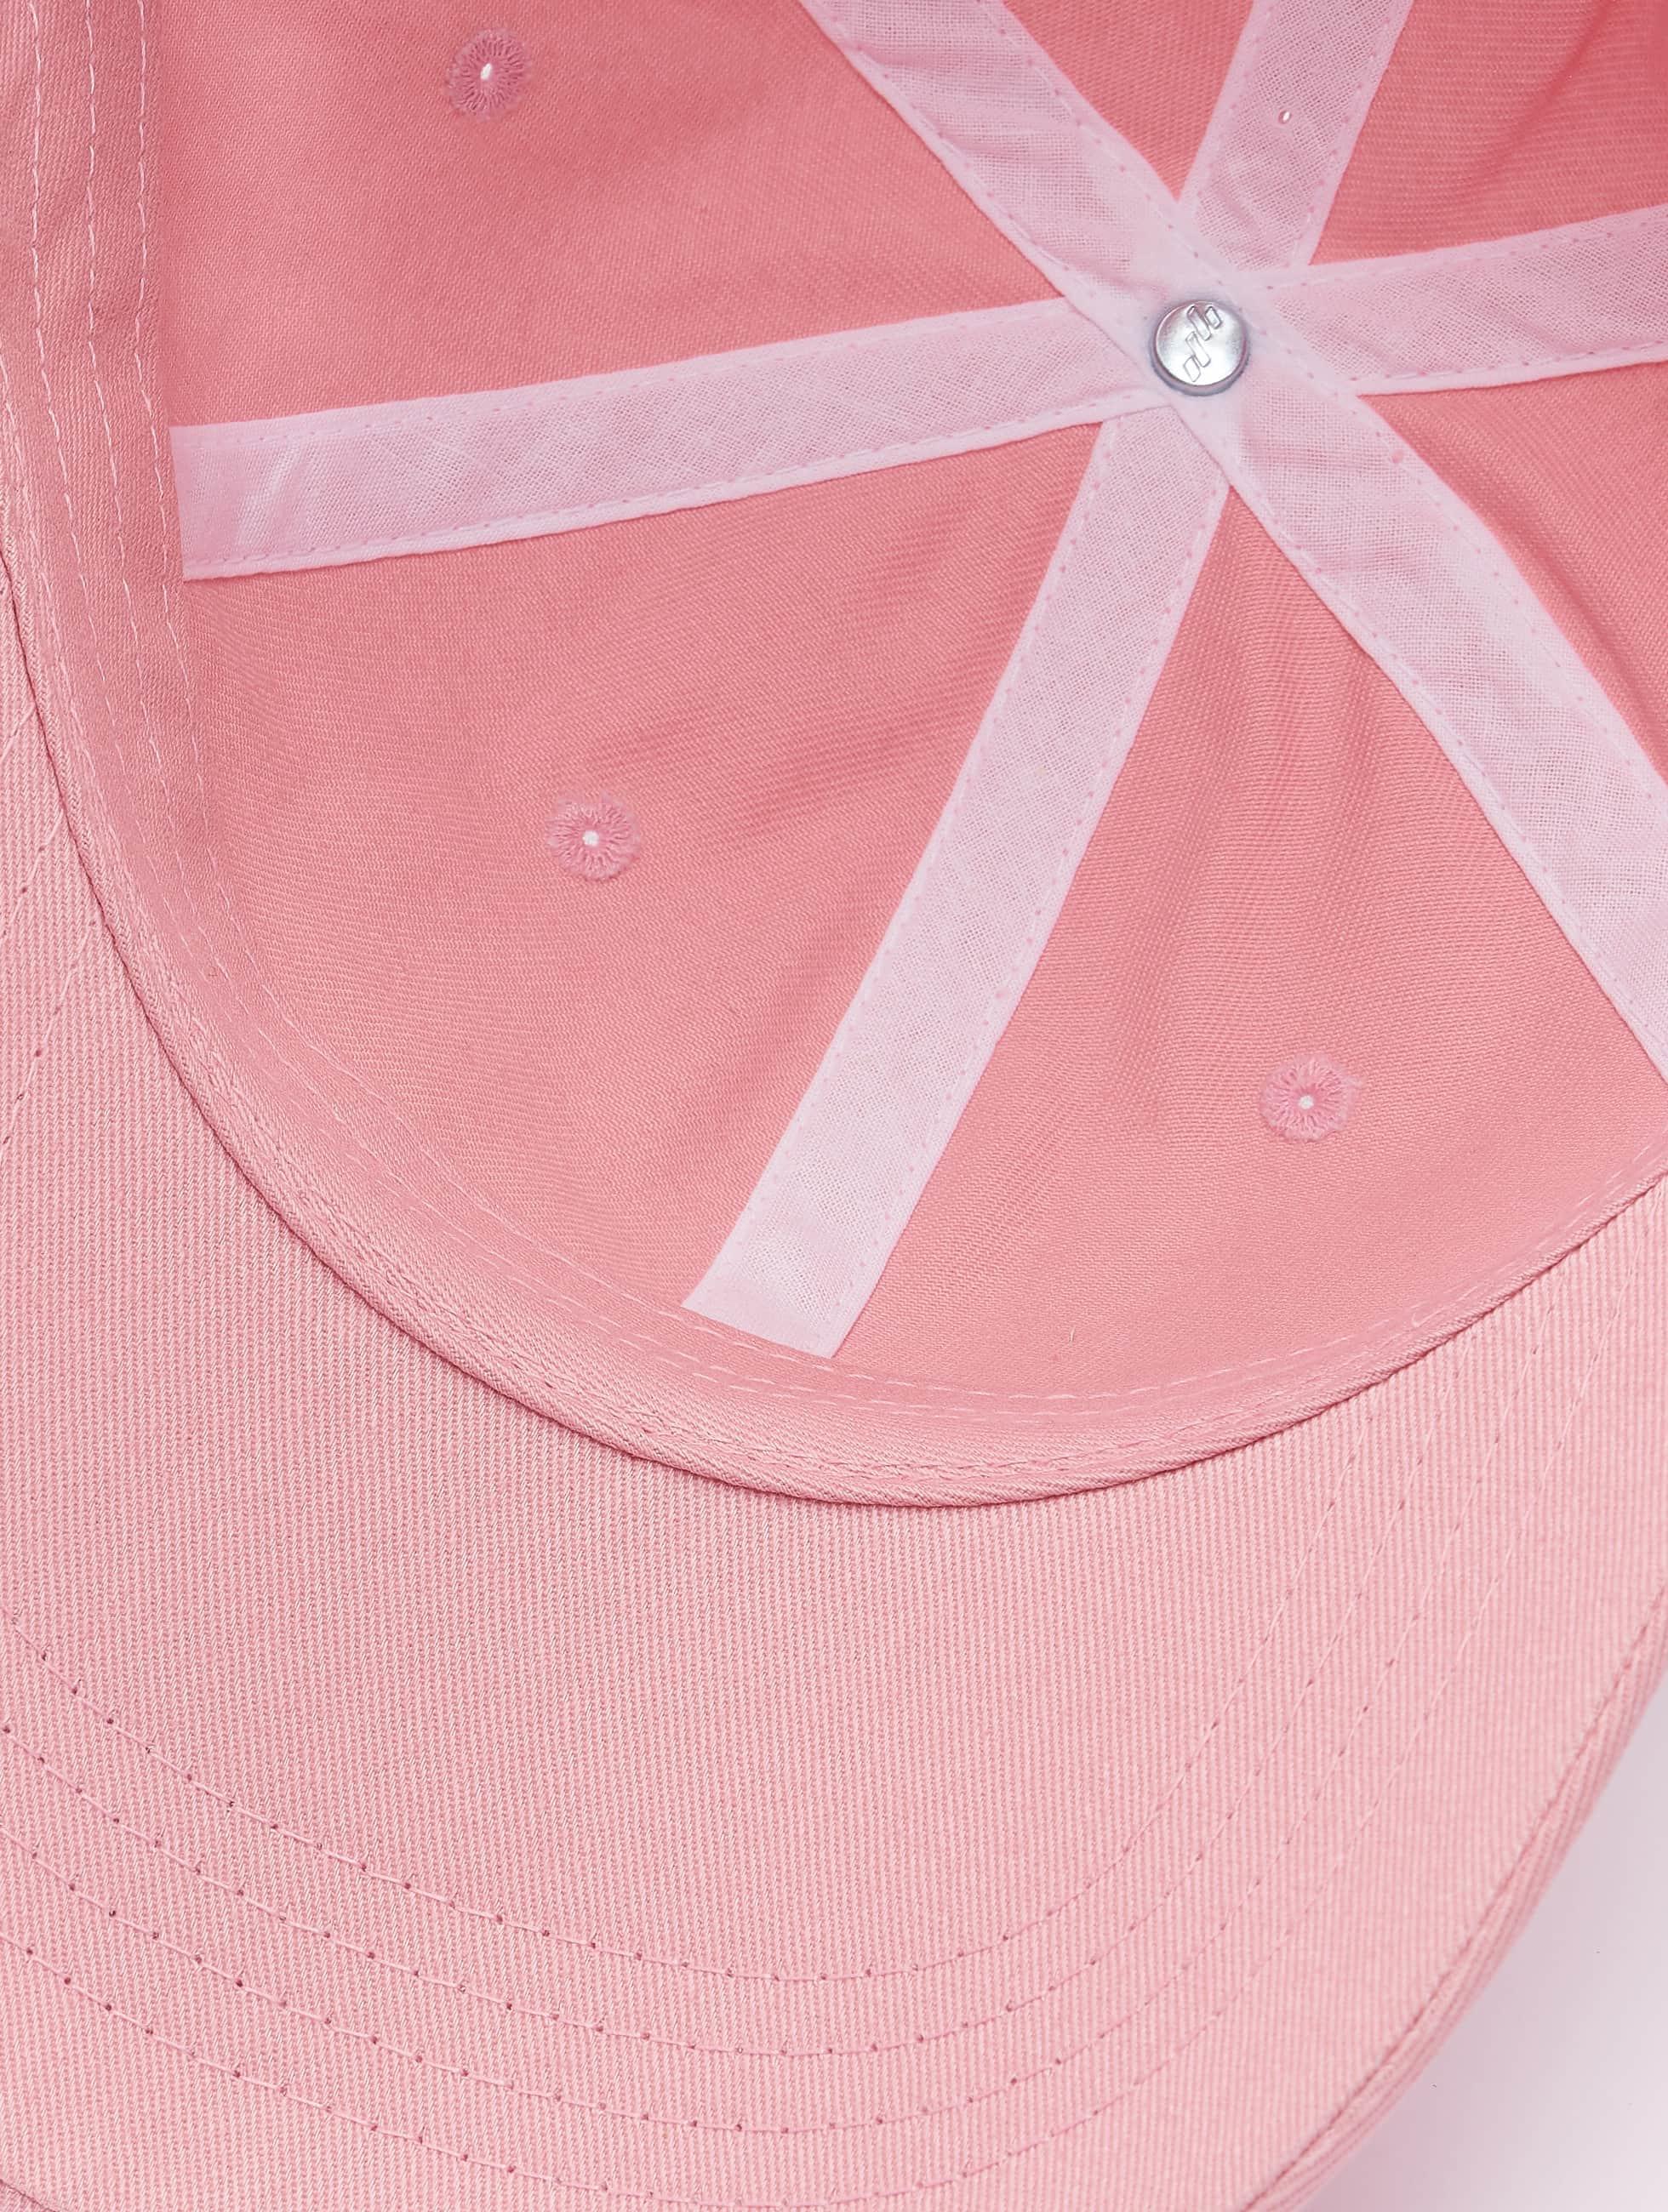 Flexfit Casquette Snapback & Strapback Low Profile Cotton Twill magenta